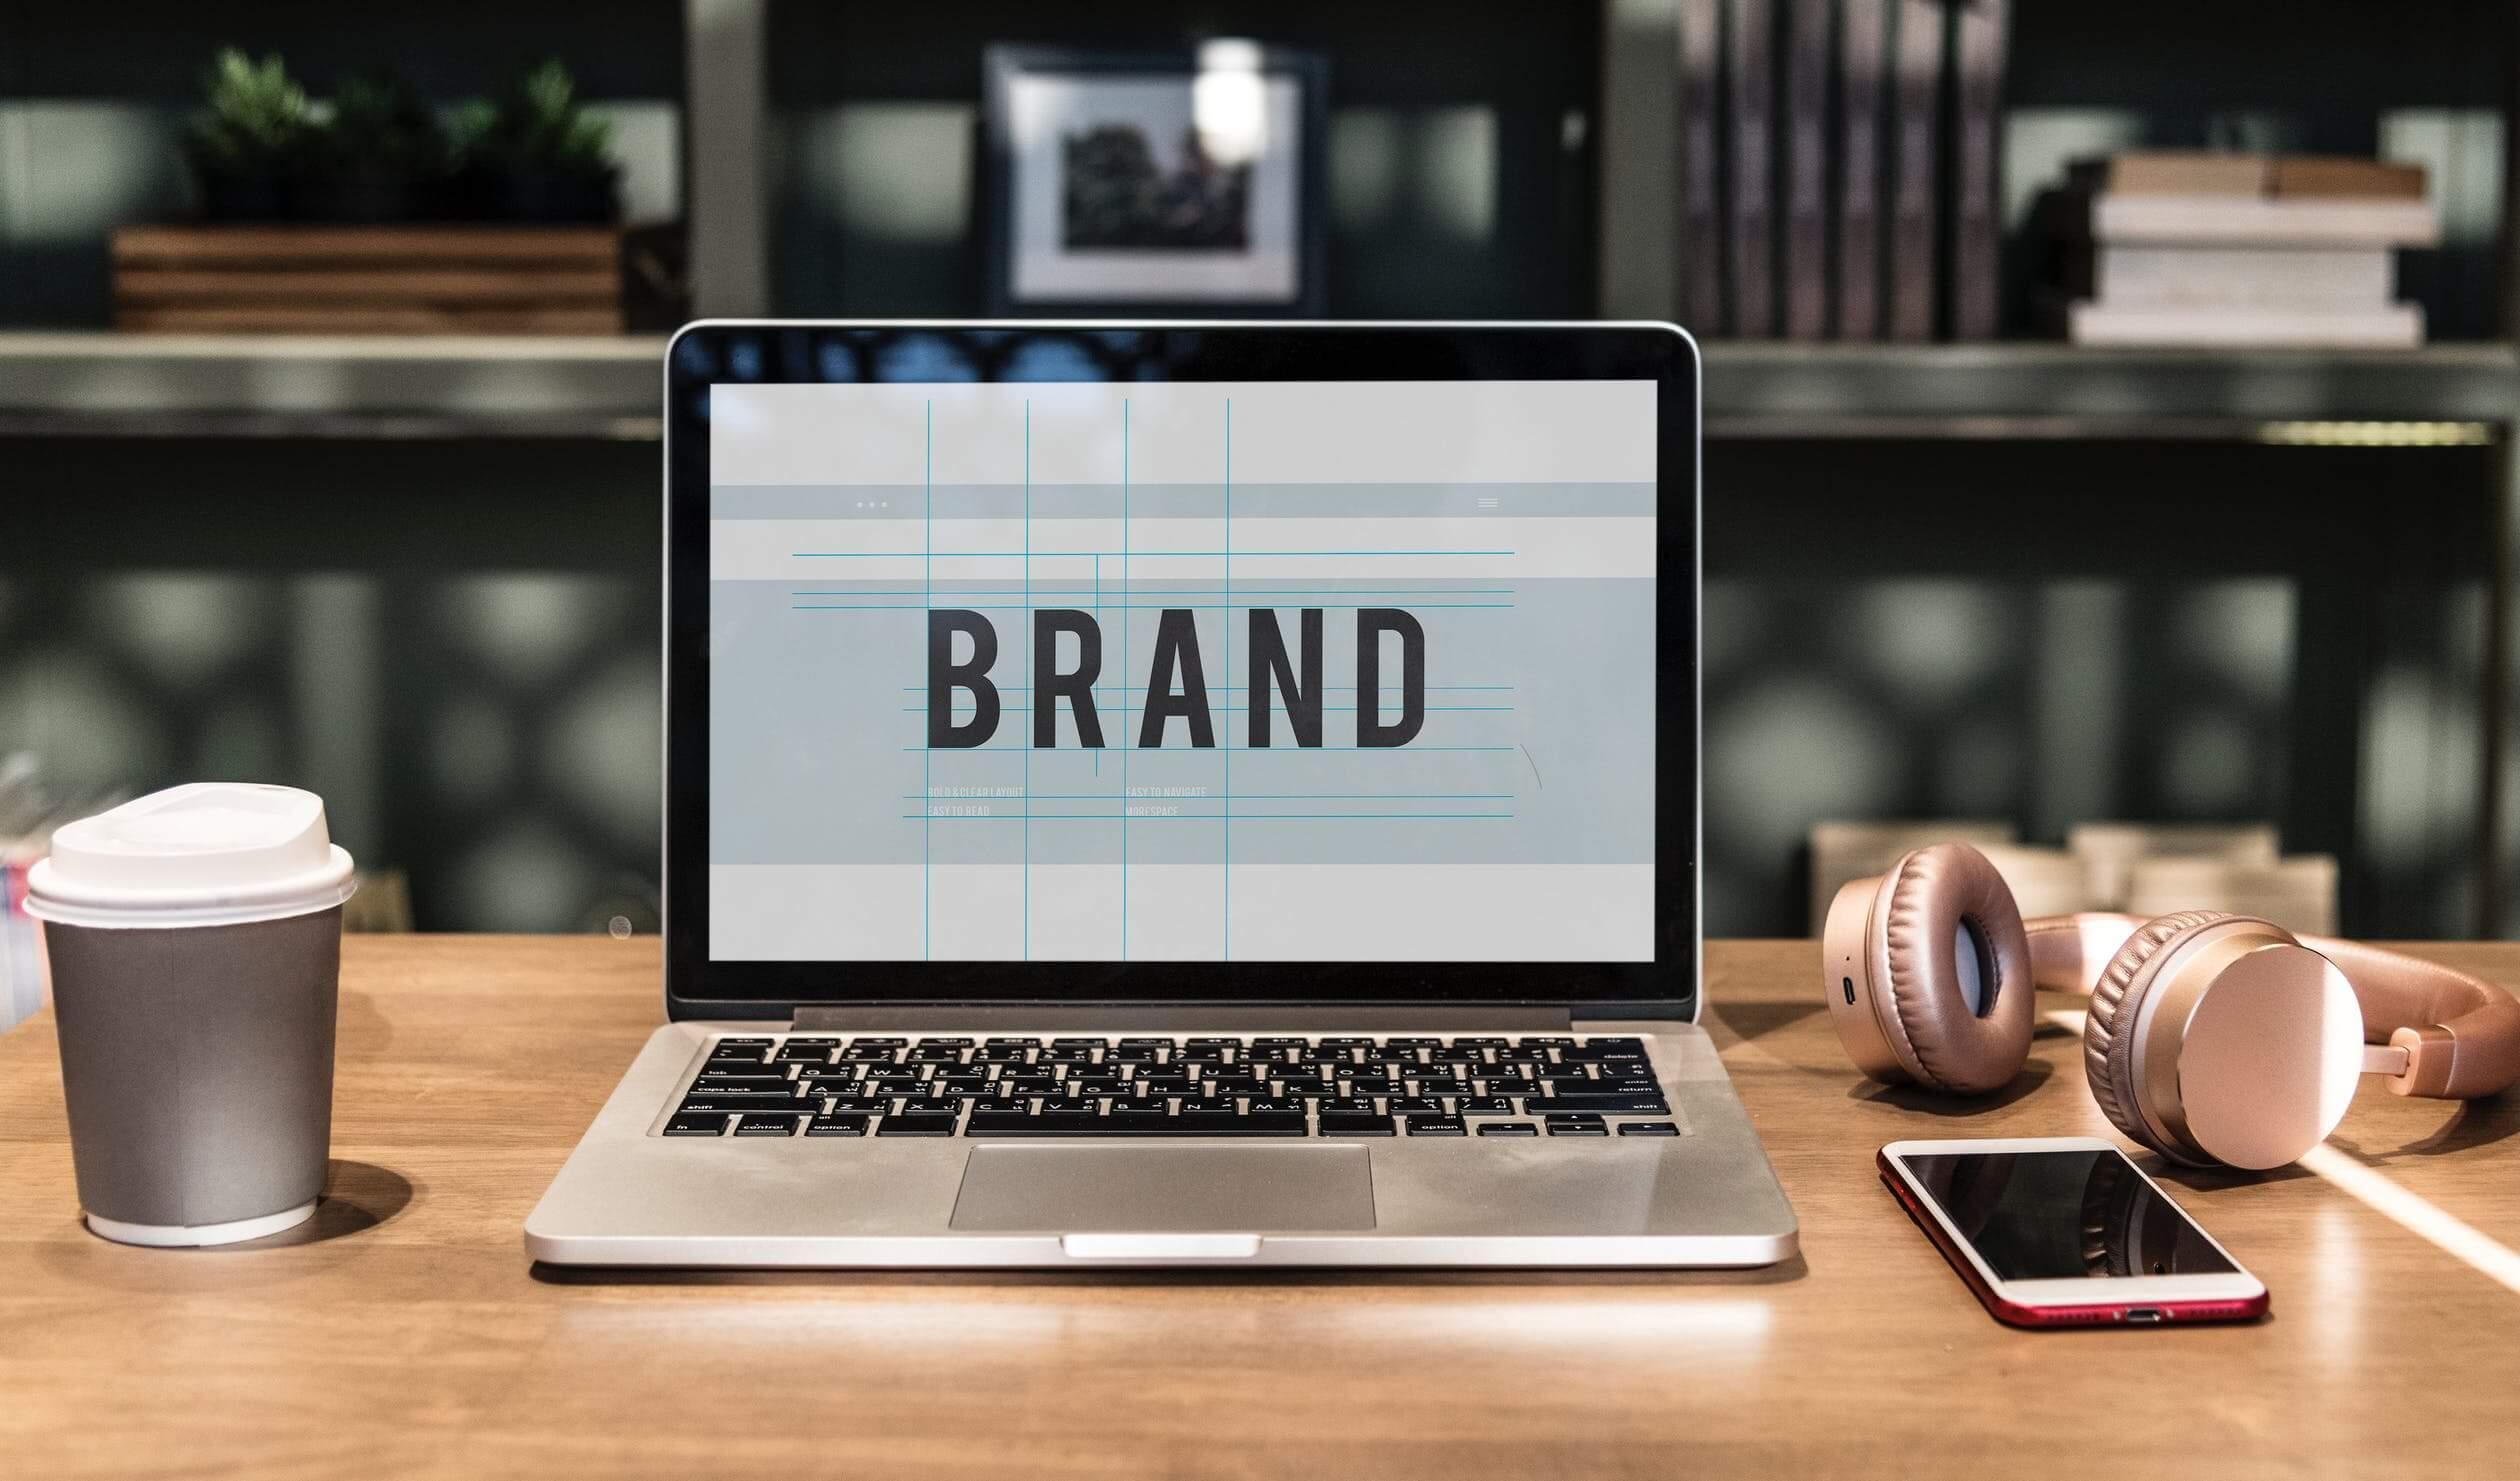 Hai bisogno di un logo per la tua azienda? Prova Logogenie!